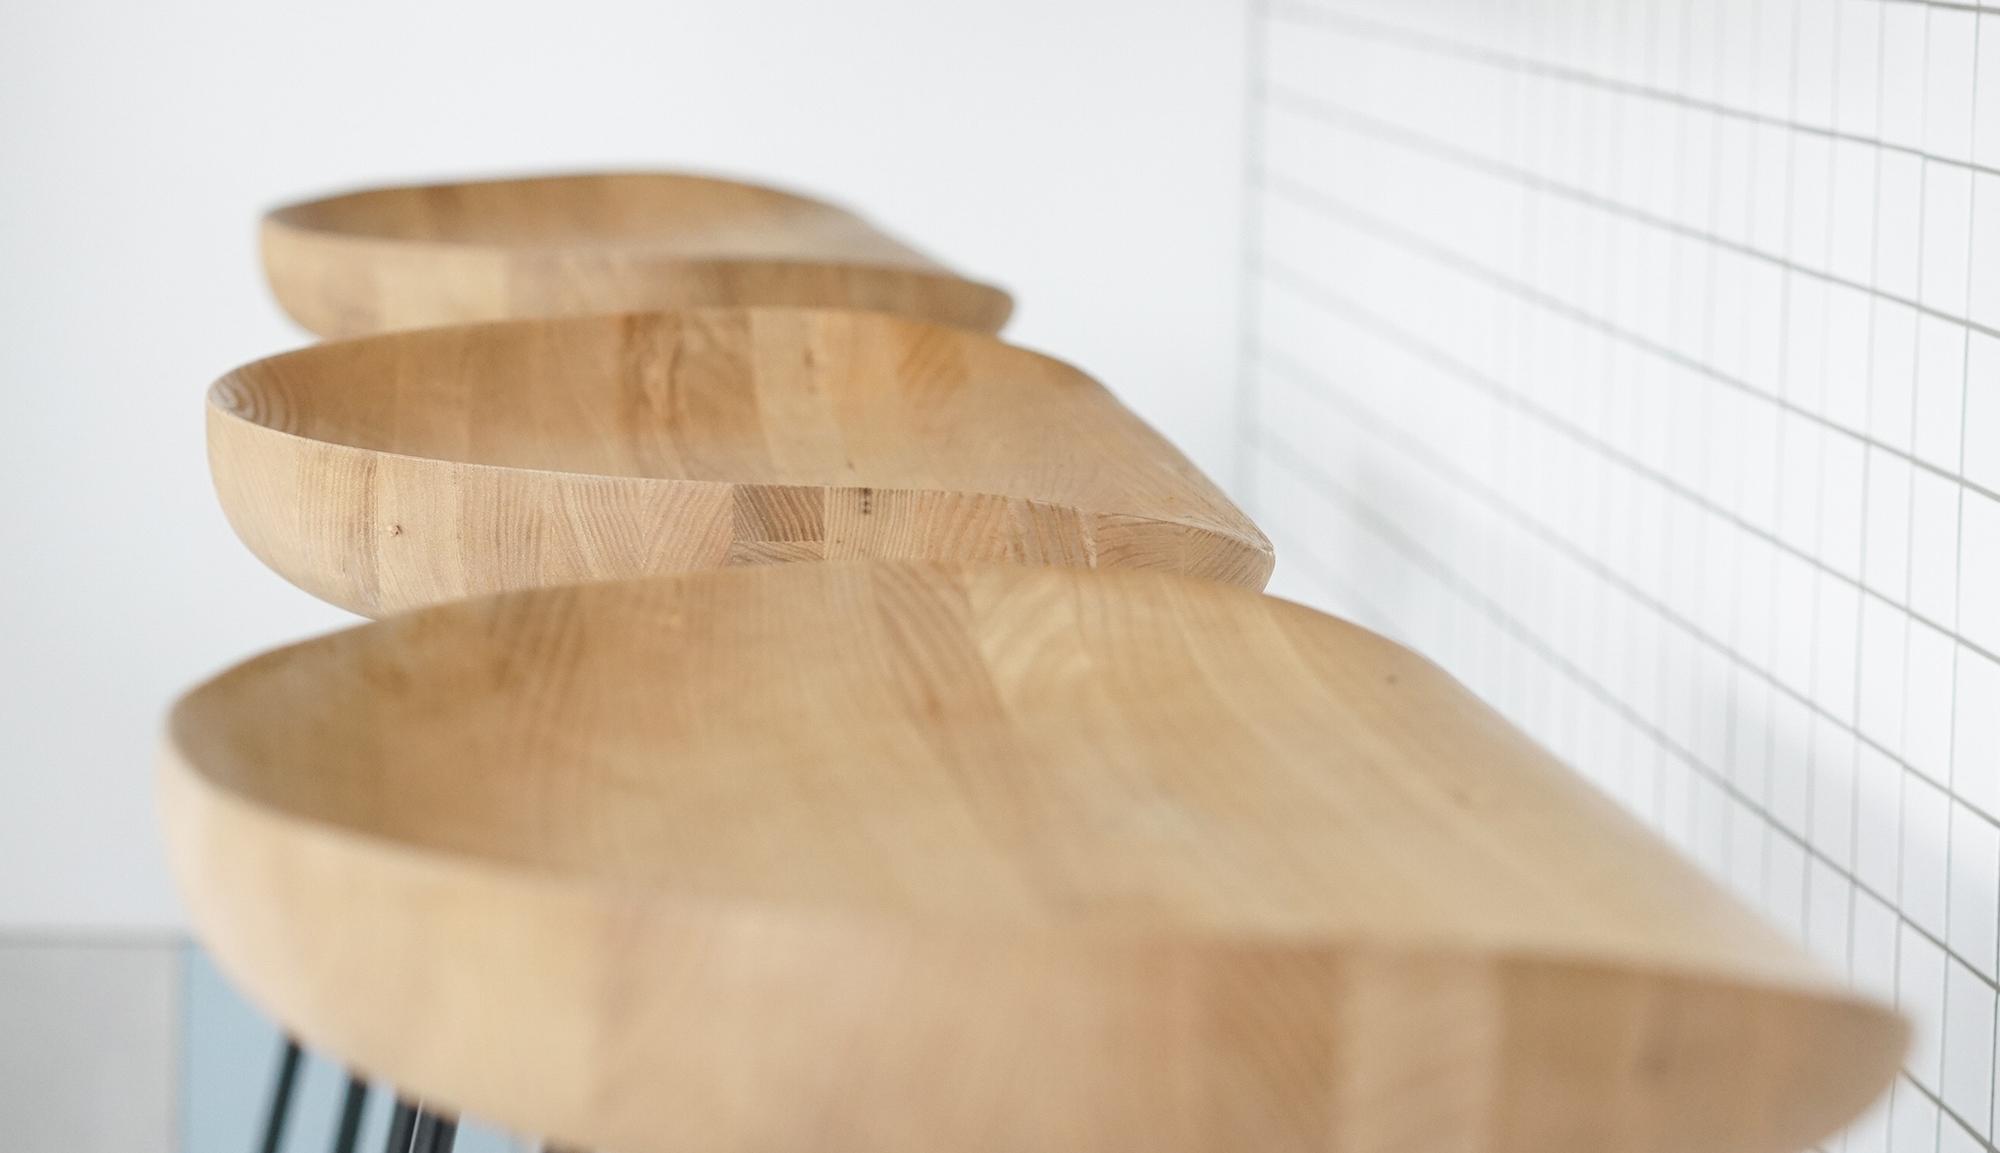 vorsen-furniture-741566-cropped.jpg